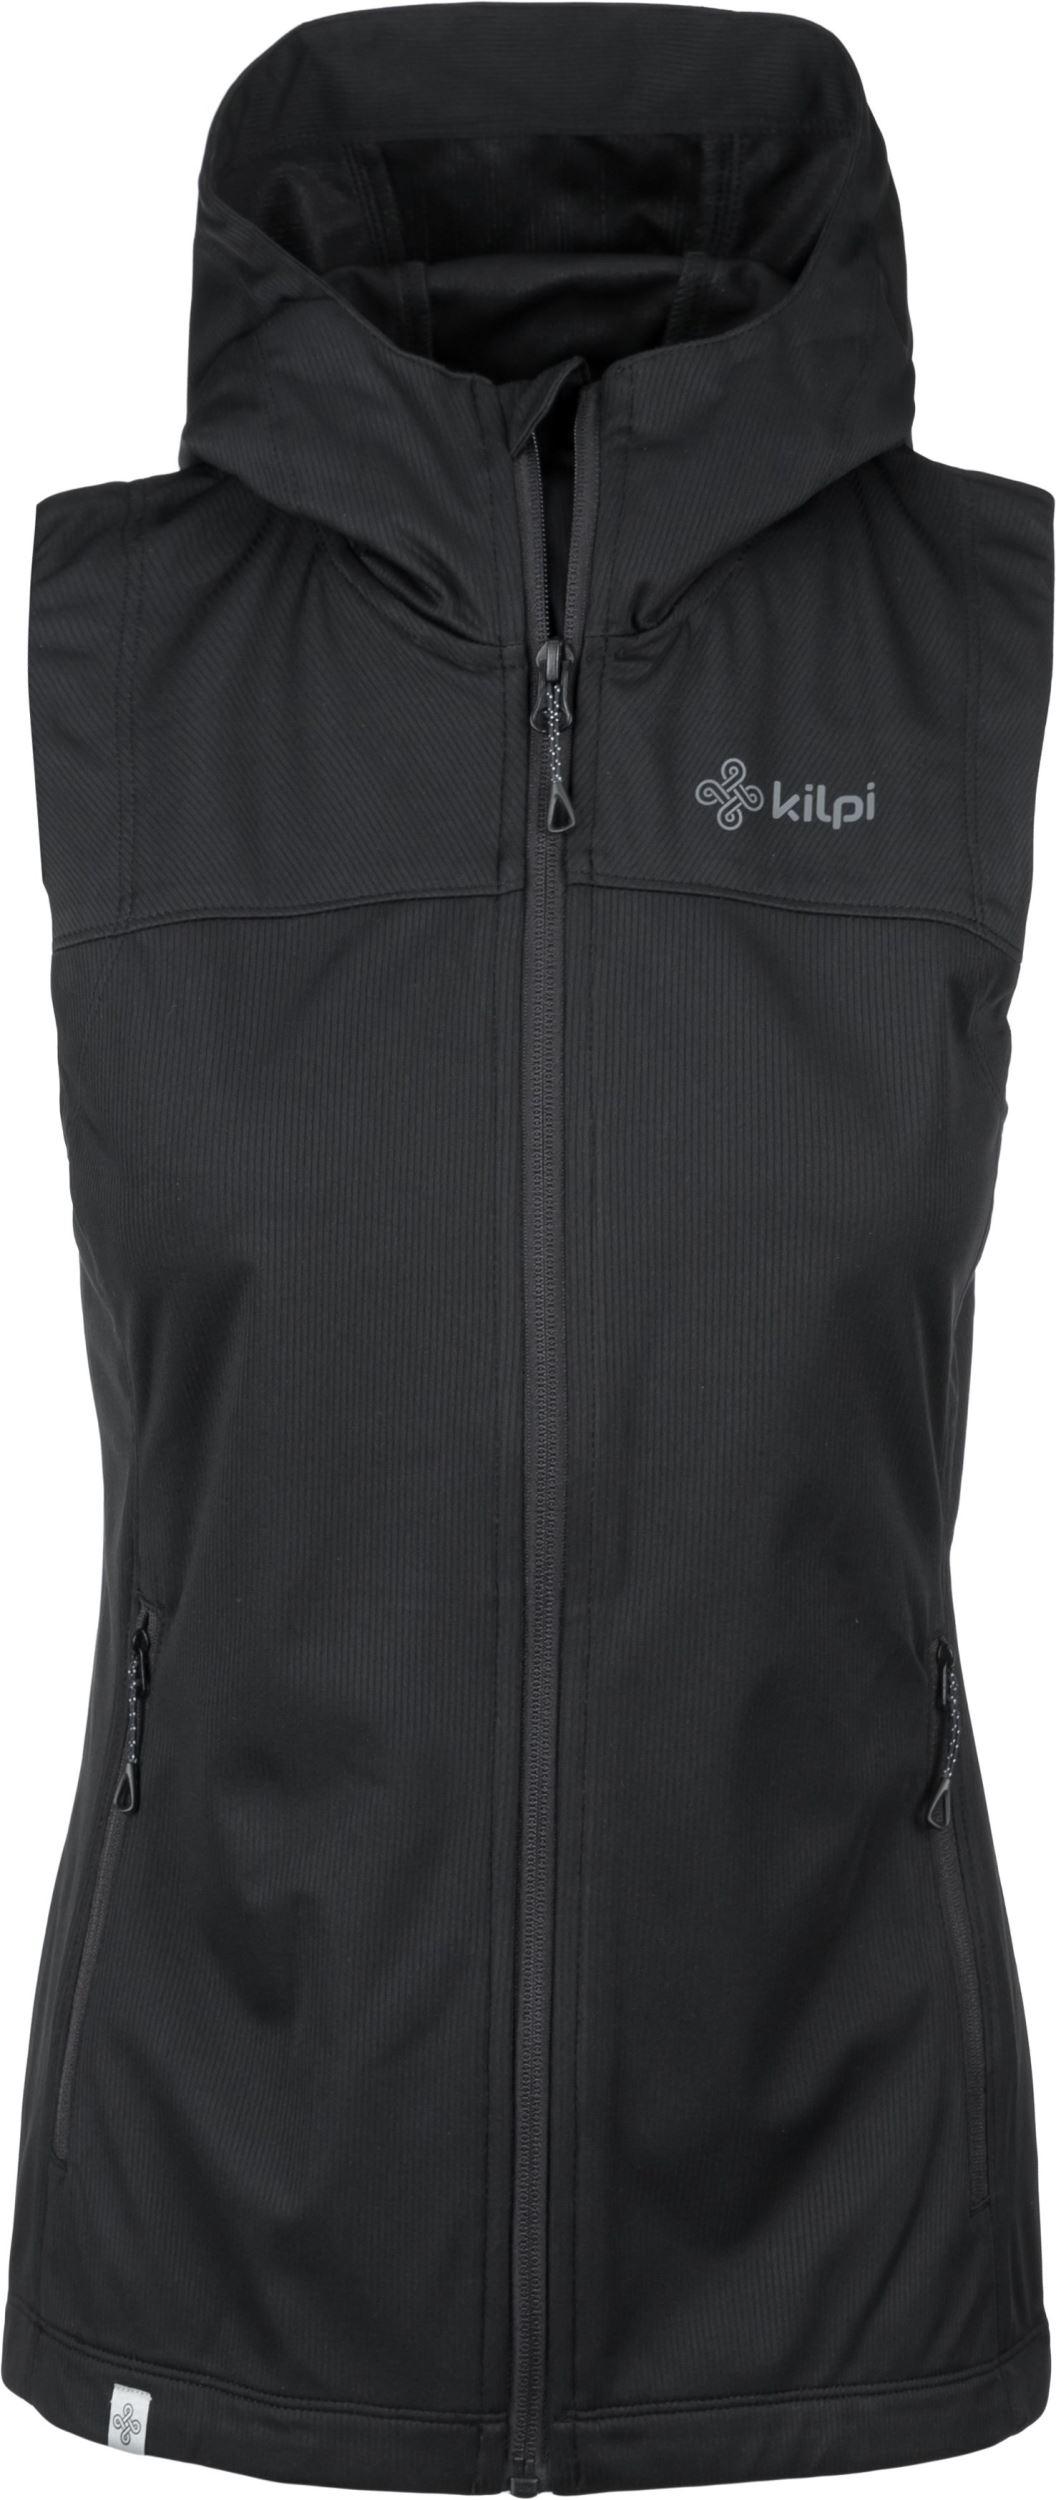 851d125000 Dámské vesta KILPI PAMIR-W černá 36